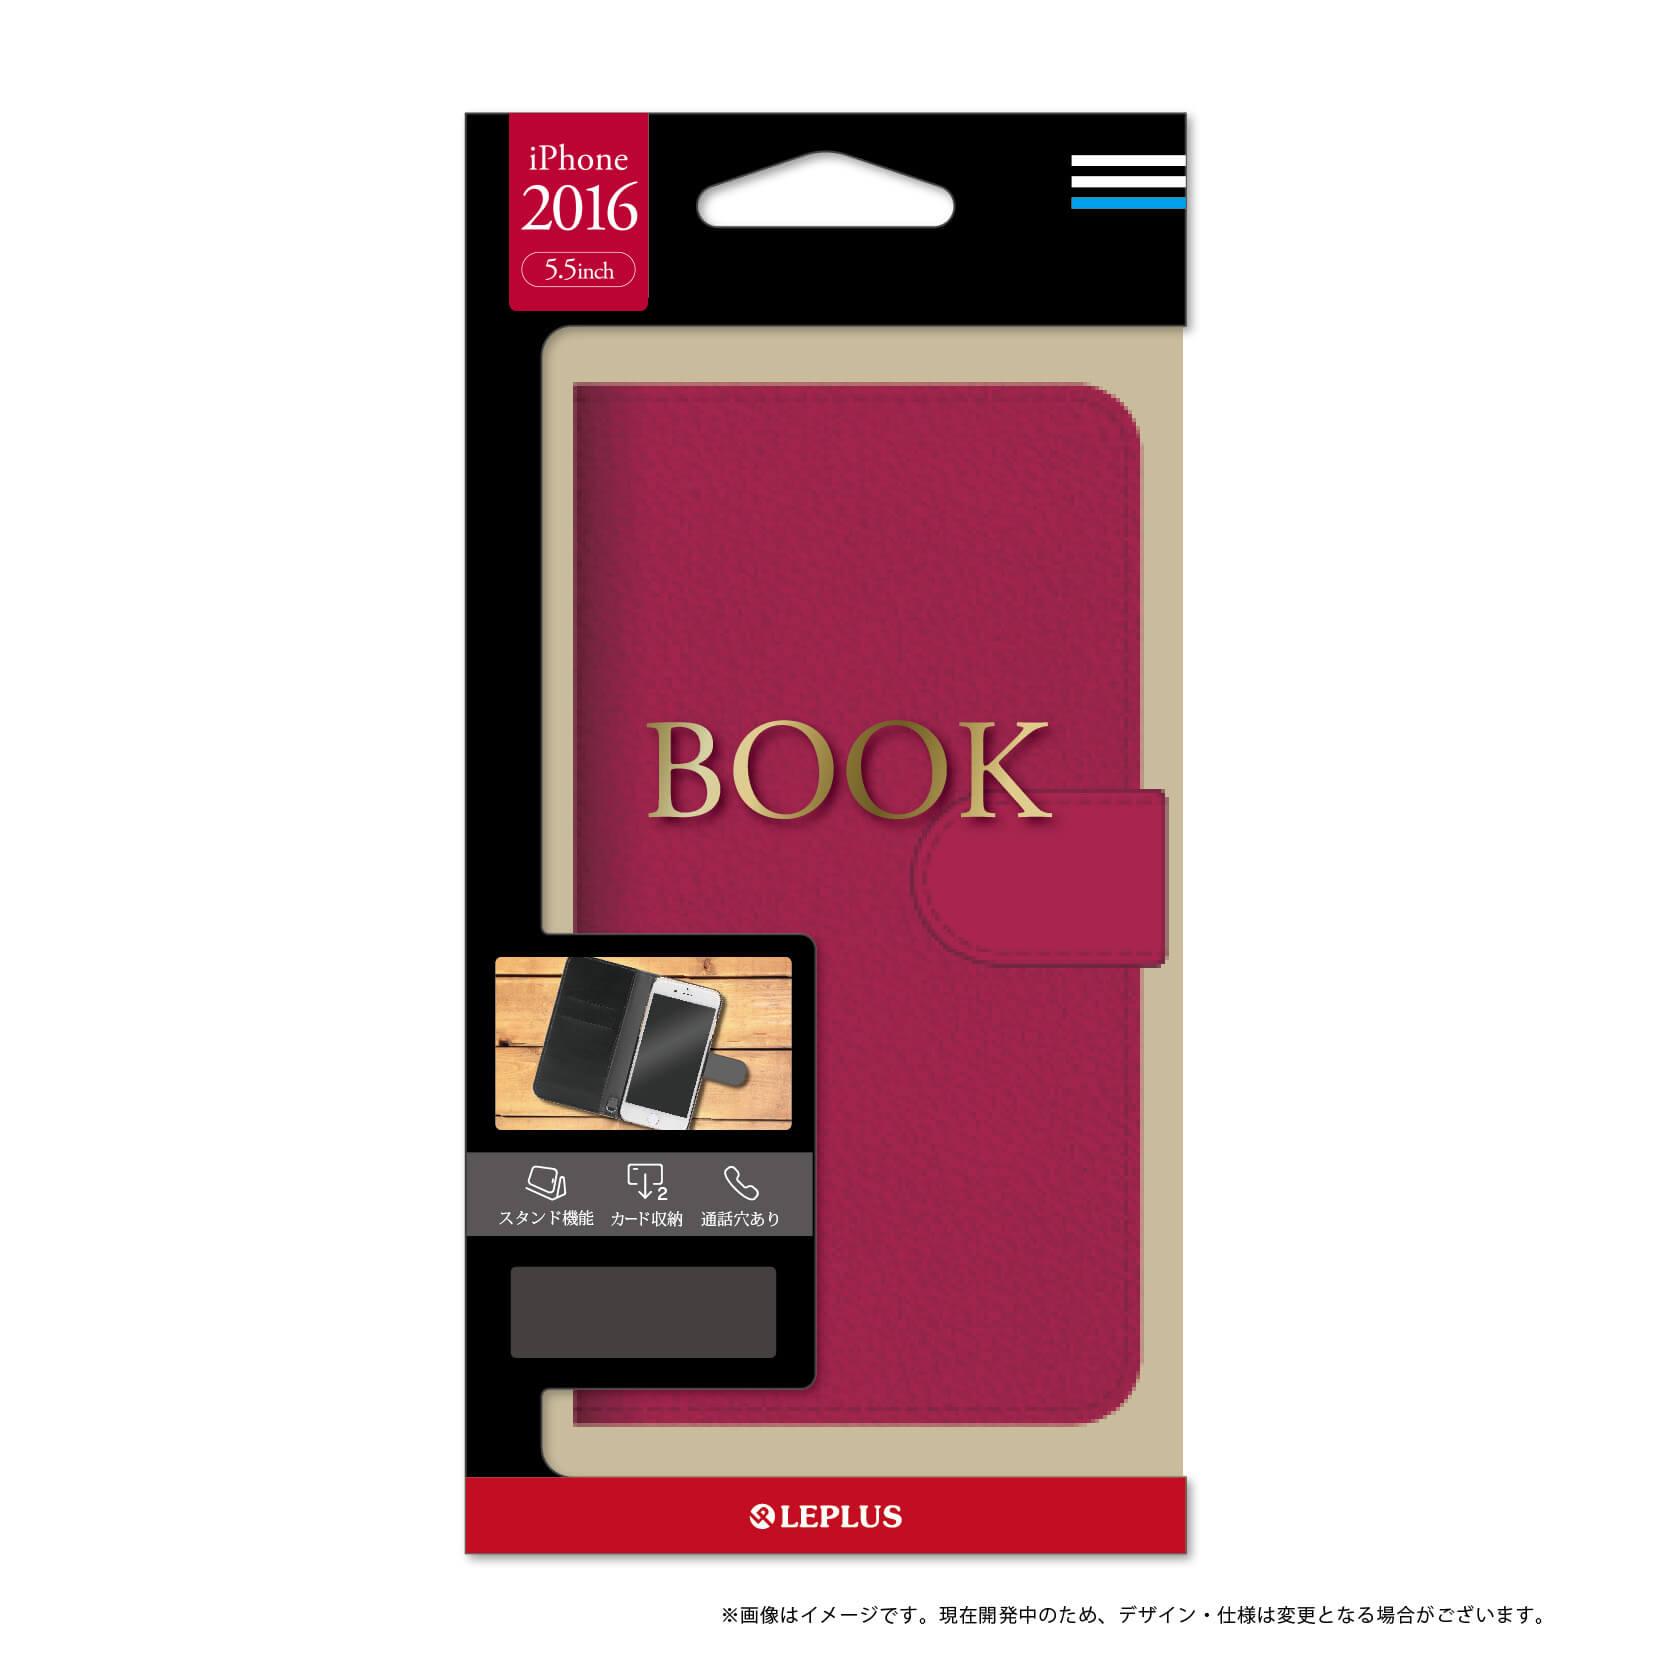 iPhone7 Plus ブックタイプPUレザーケース「BOOK」 ピンク